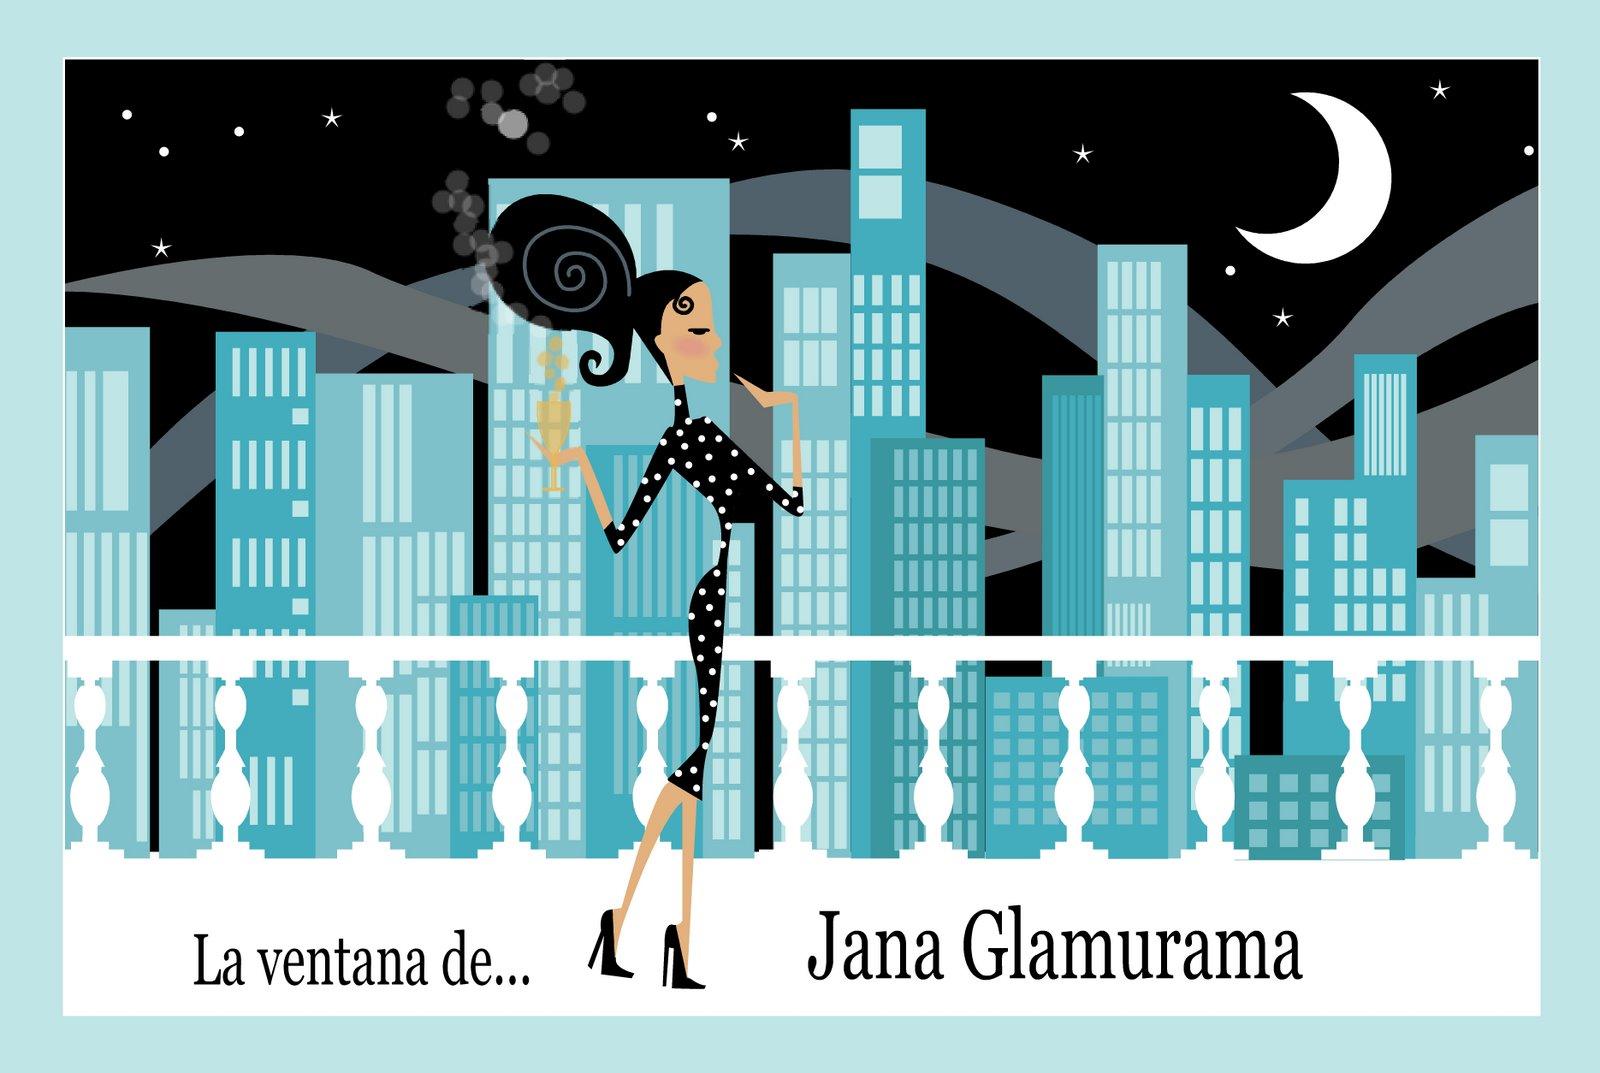 La Ventana de Jana Glamurama